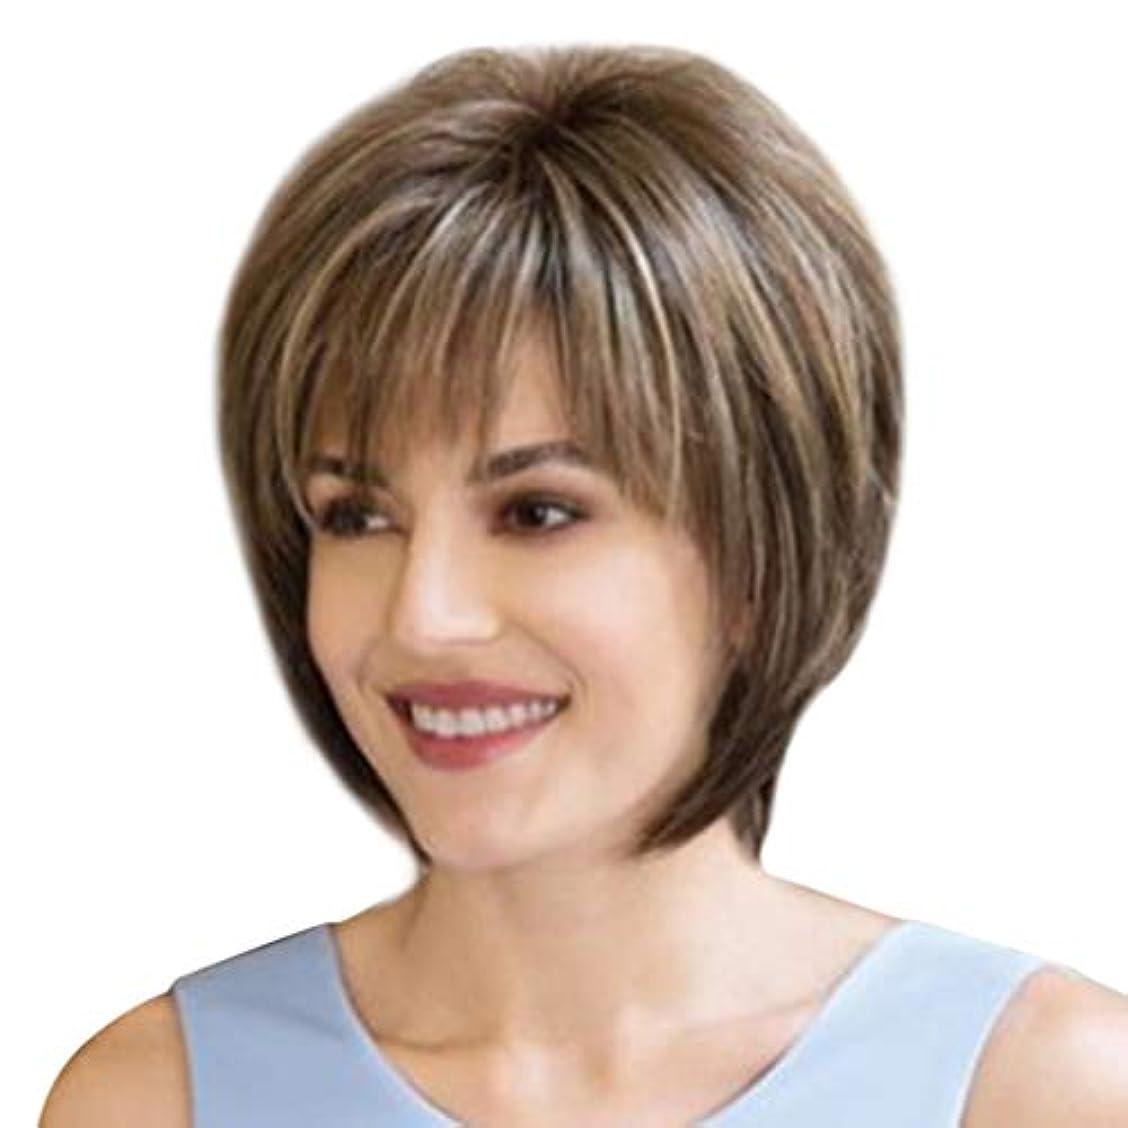 呼吸する政治家のひねくれたCinhent 8インチファッション合成ストレートショートレディースウィッグふわふわ染色天然のリアルな髪の毛のかつら女性のファイバー